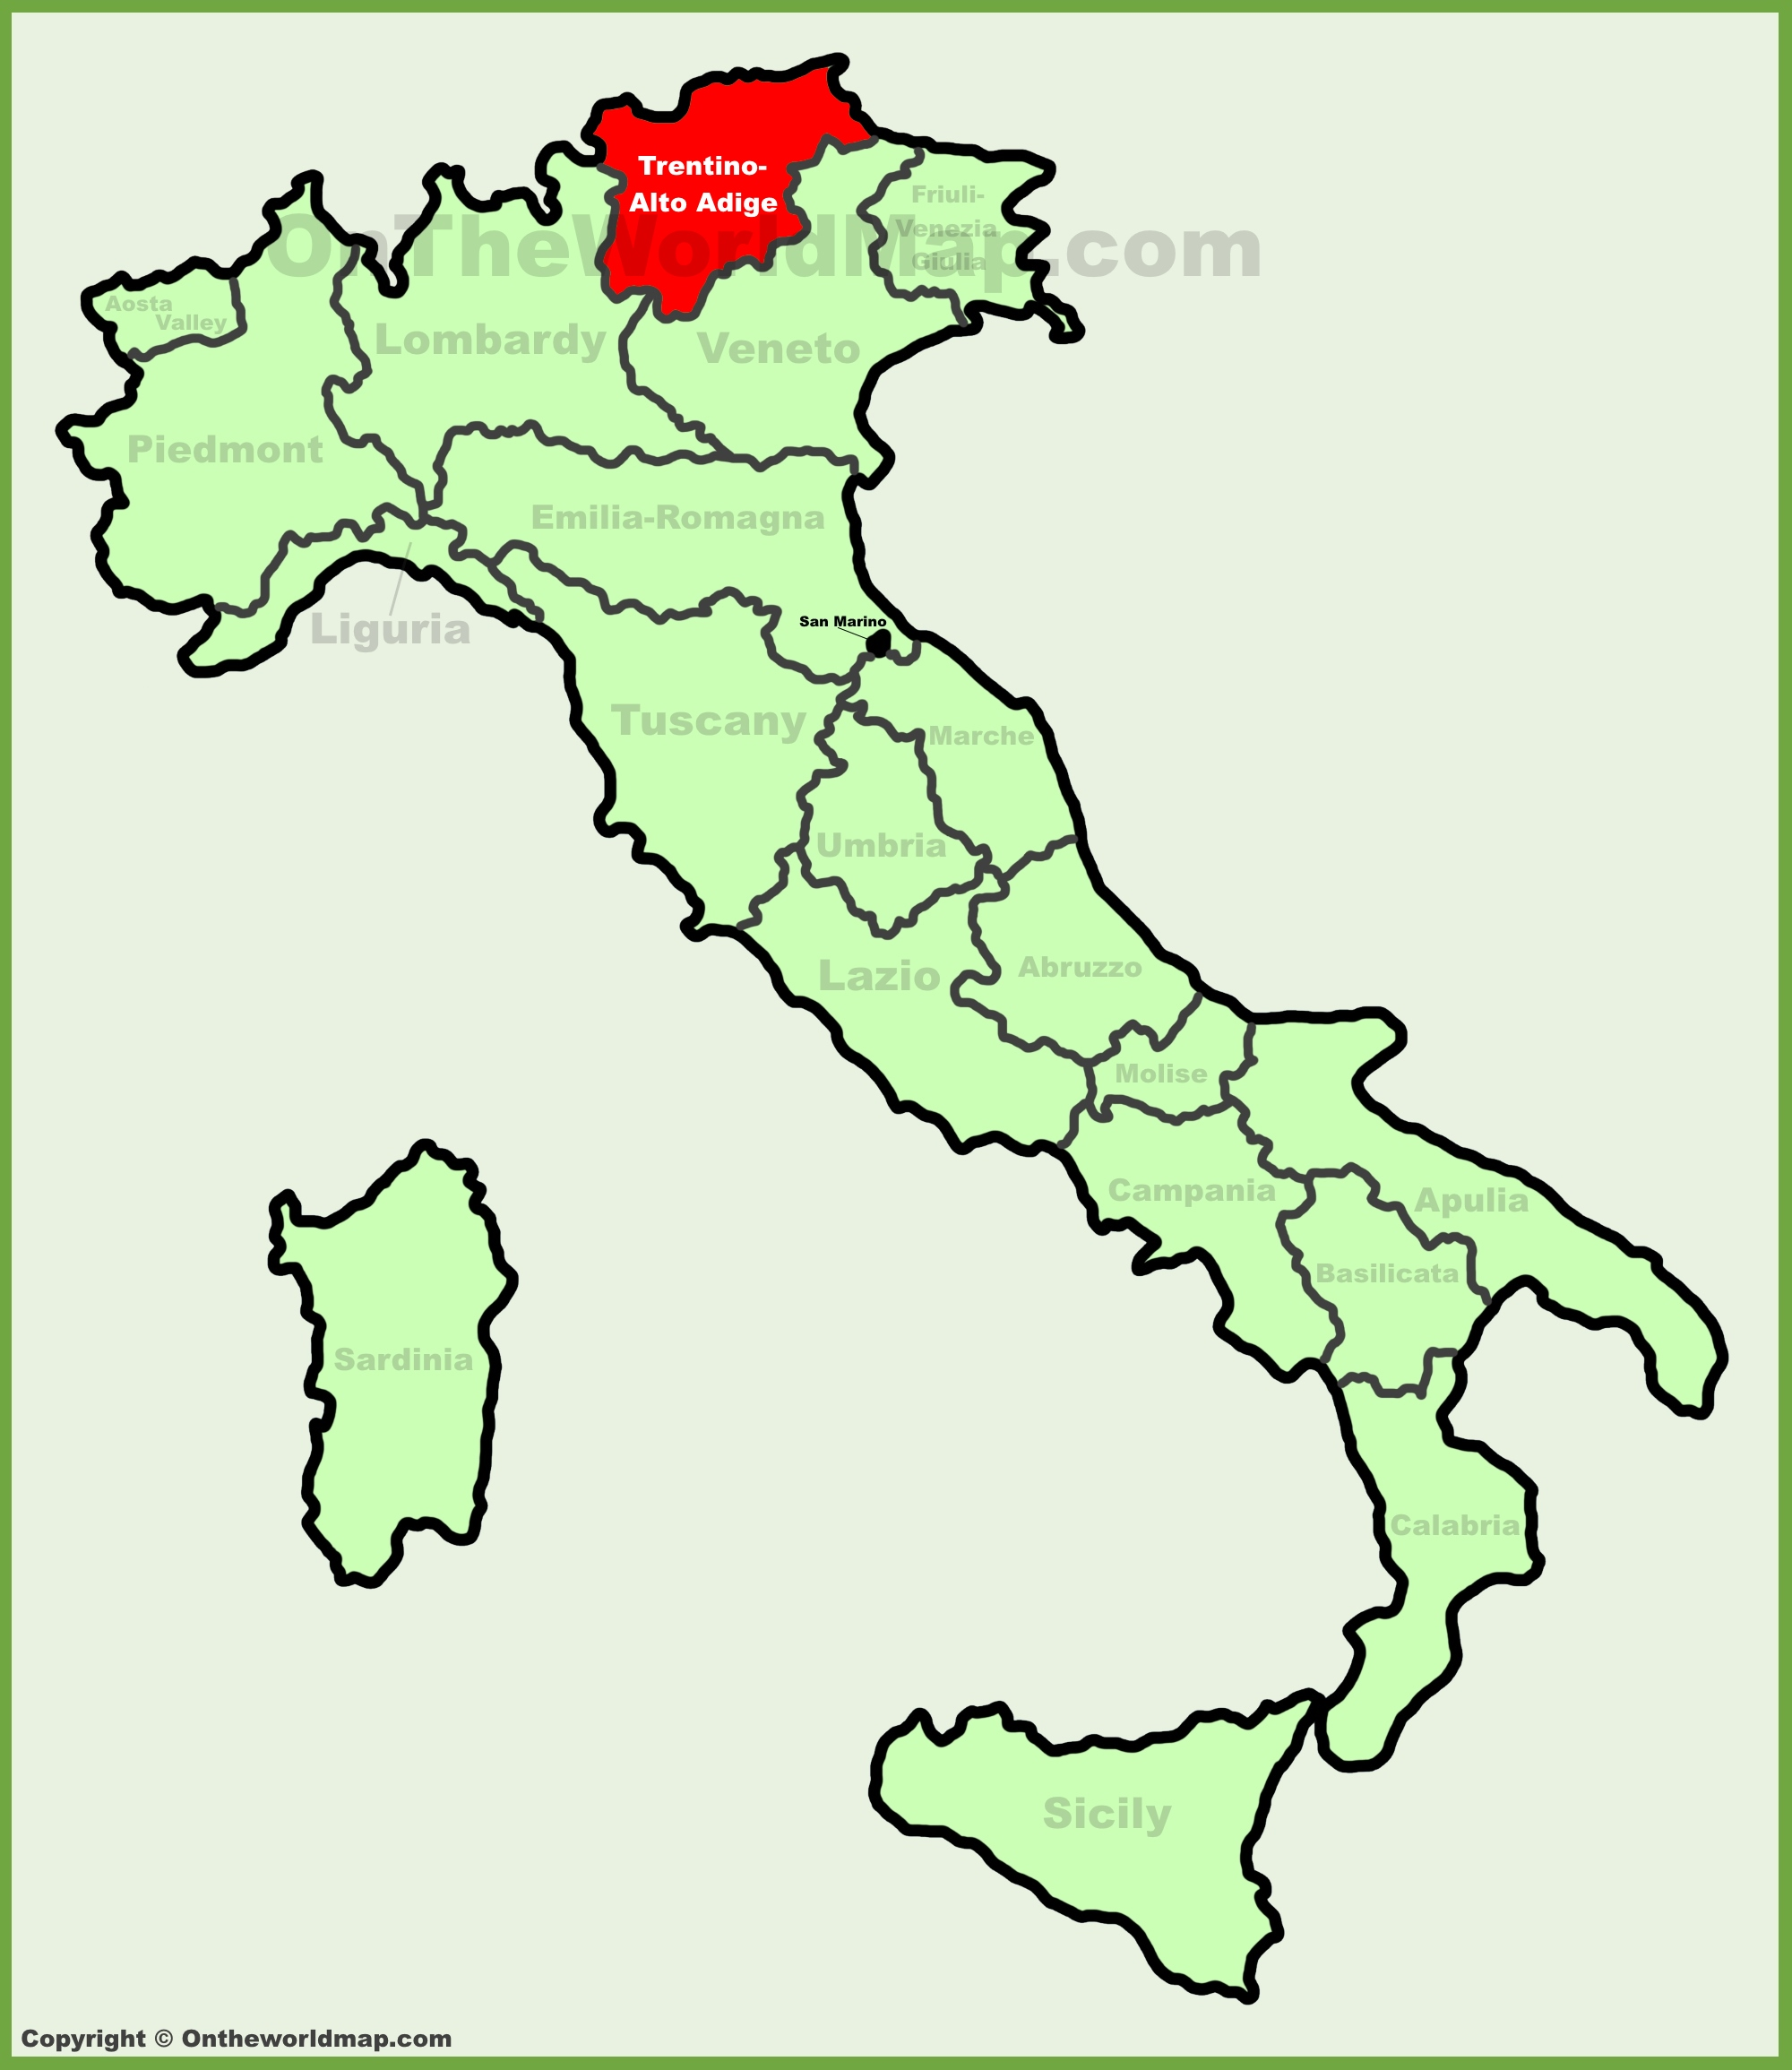 Cartina Italia Trentino Alto Adige.Trentino Alto Adige Sulla Mappa Dell Italia